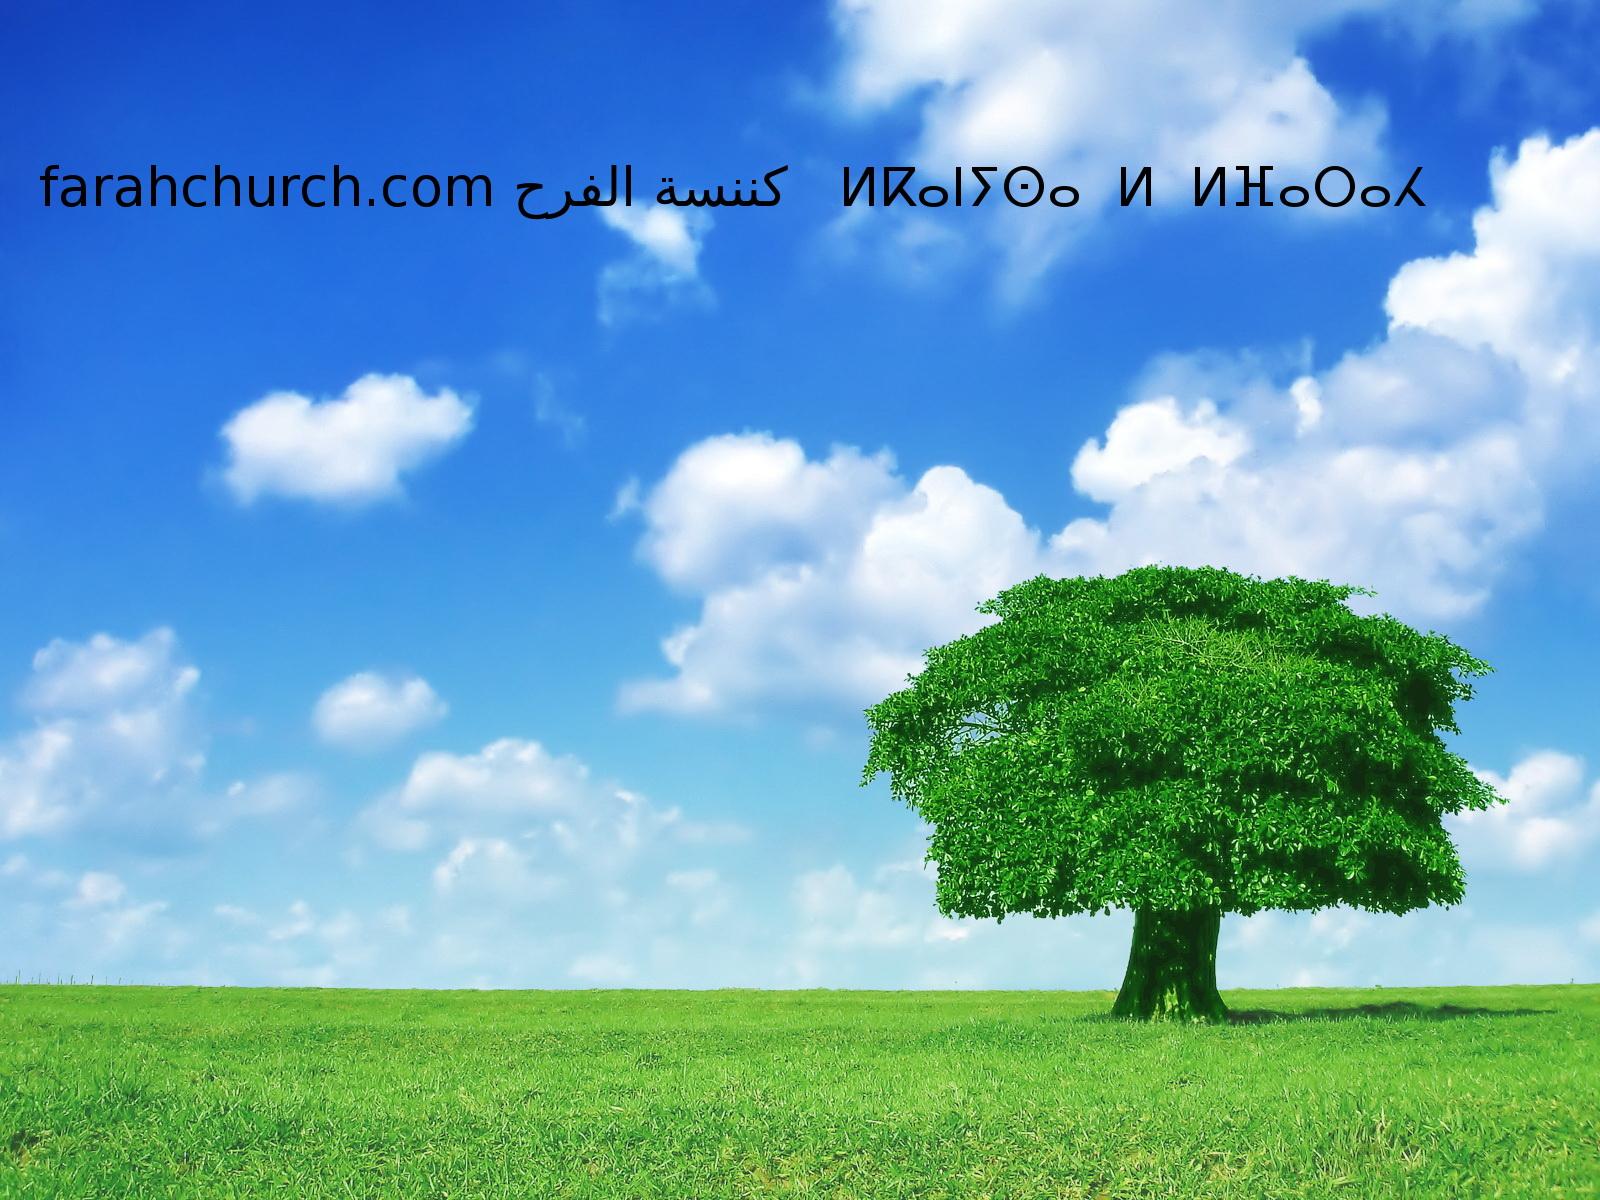 مع المسيح صلبت